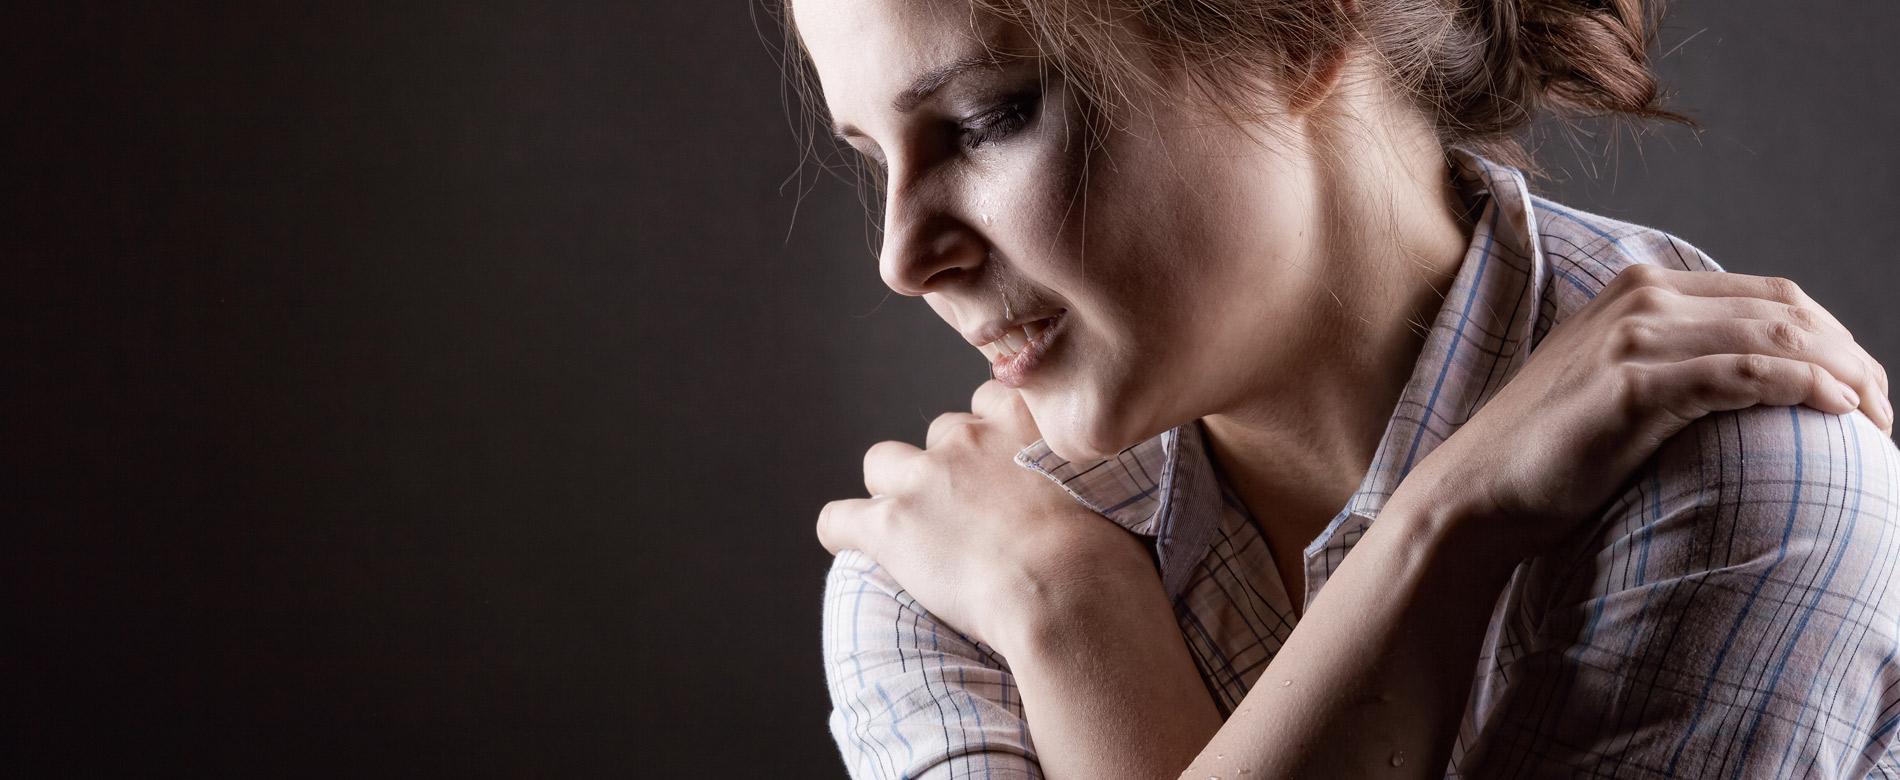 17º Dia | Incómodo insistente, o que gera?